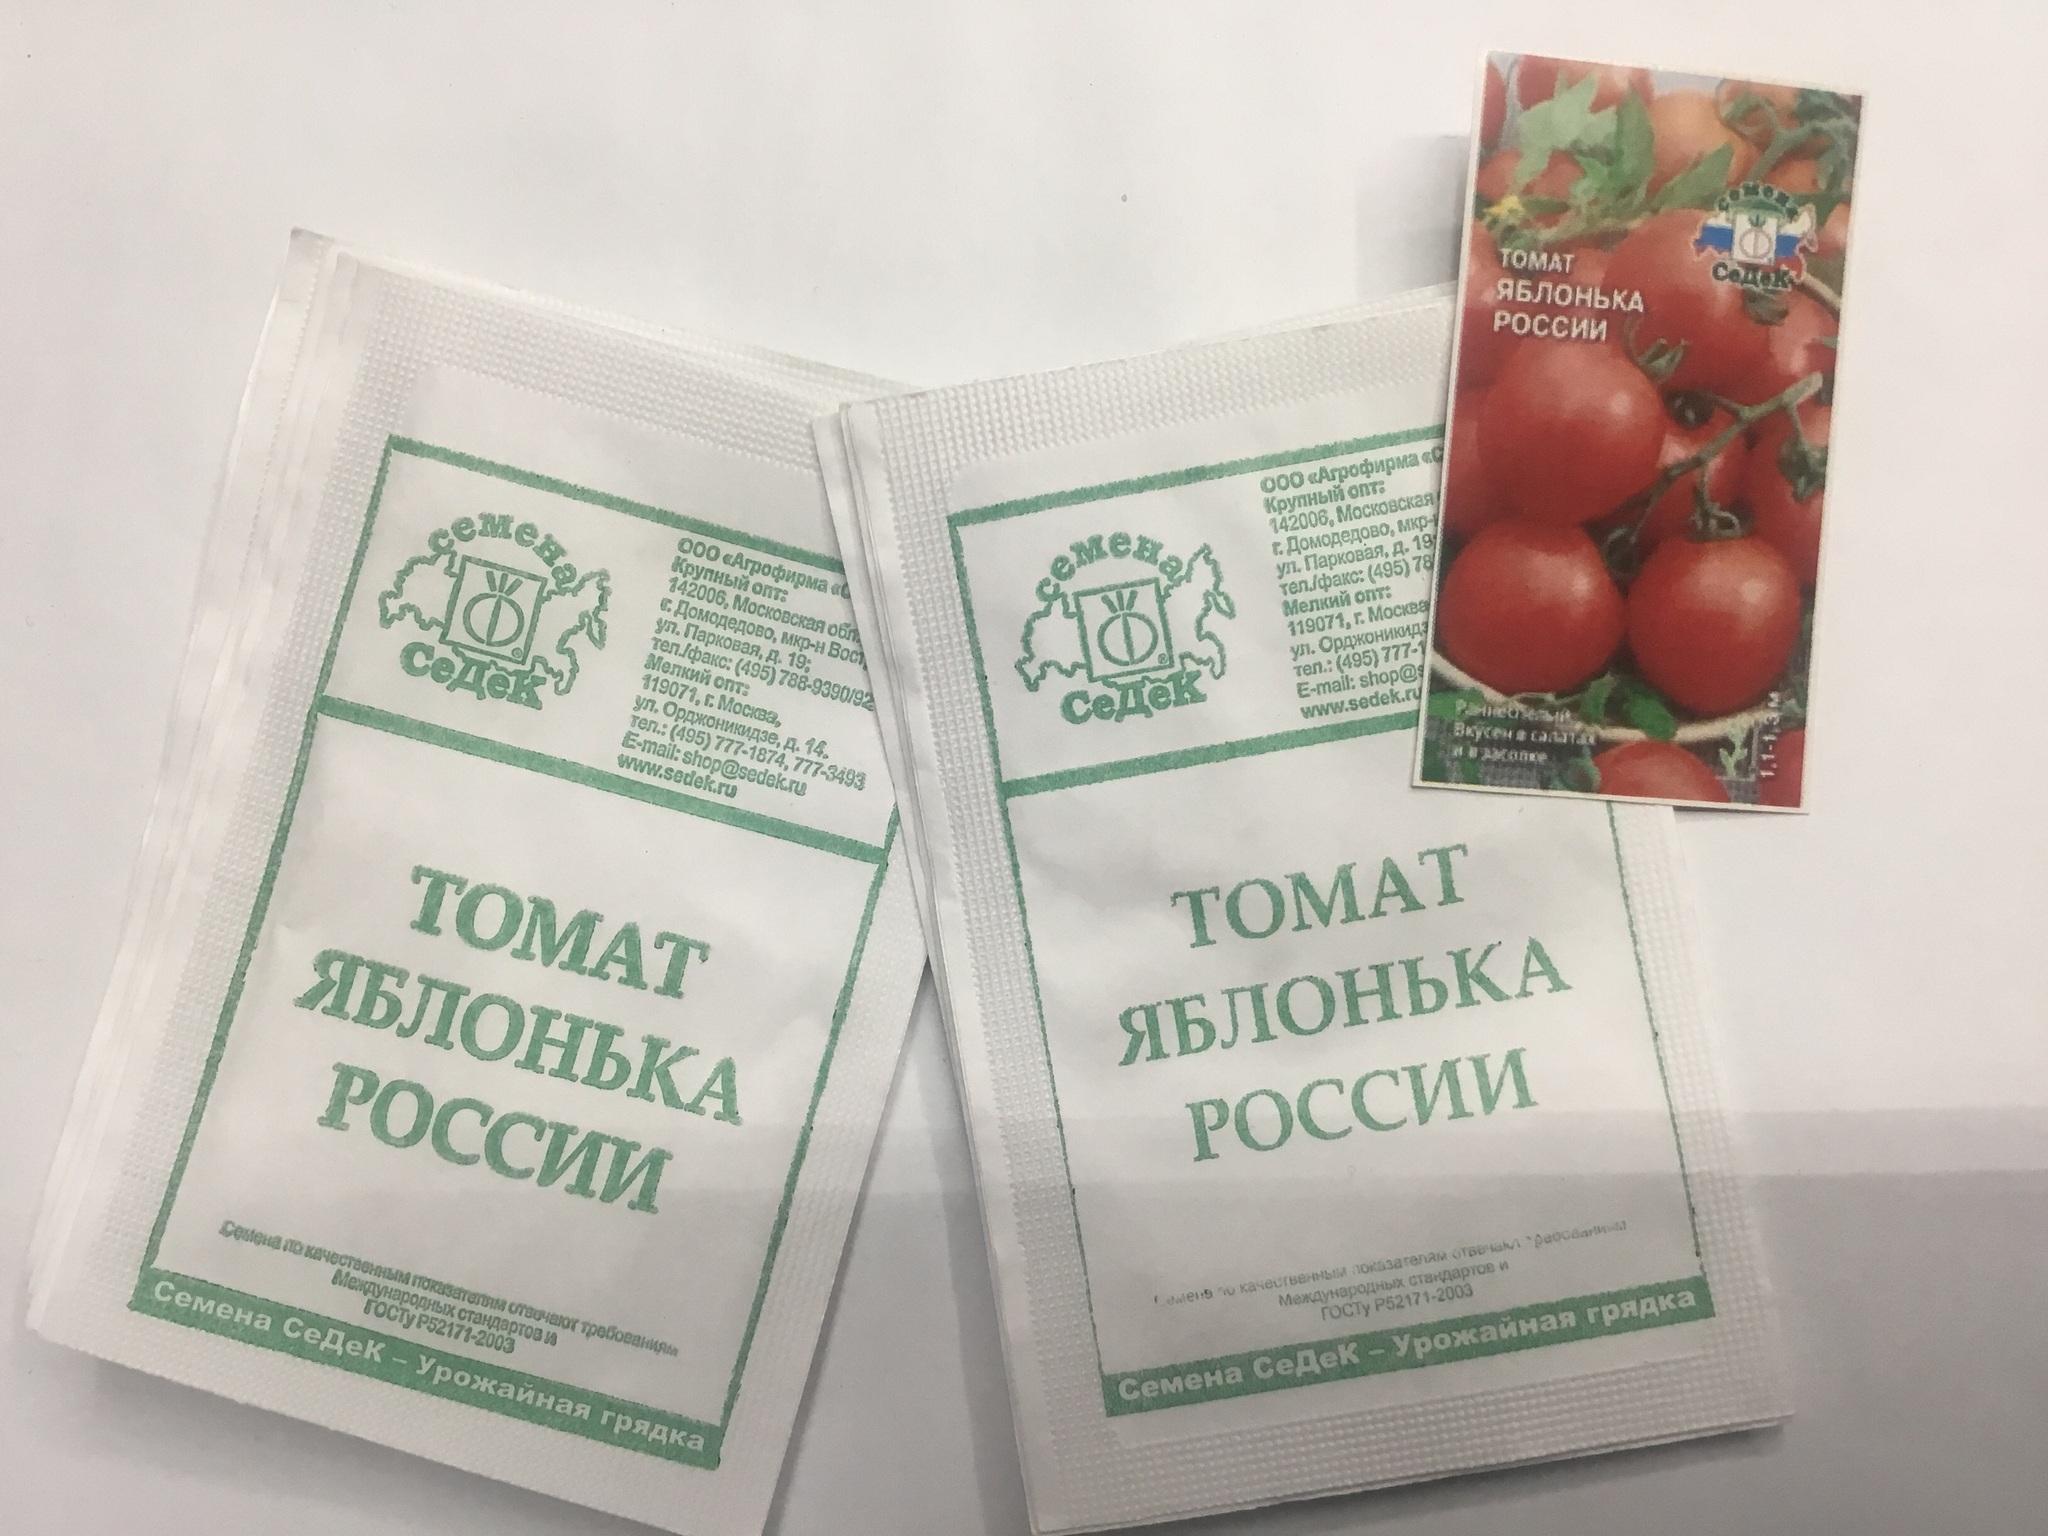 Сорт томата яблонька россии